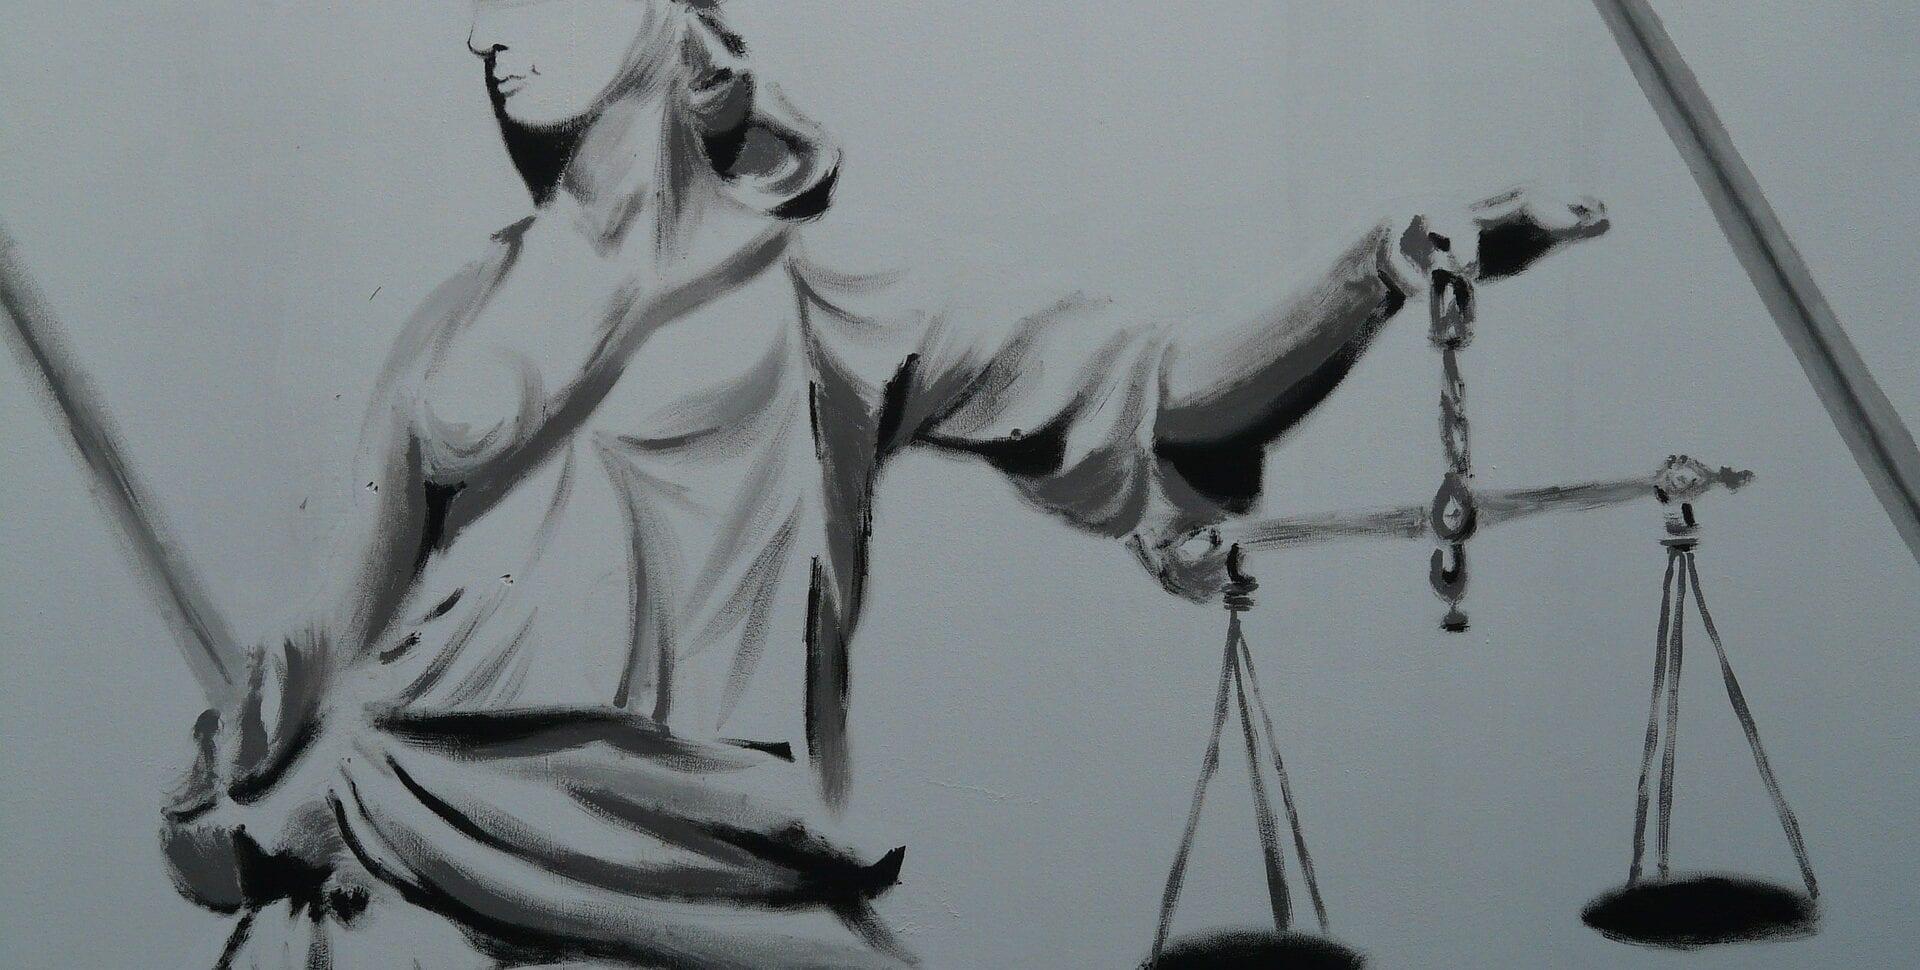 violencia de género justicia